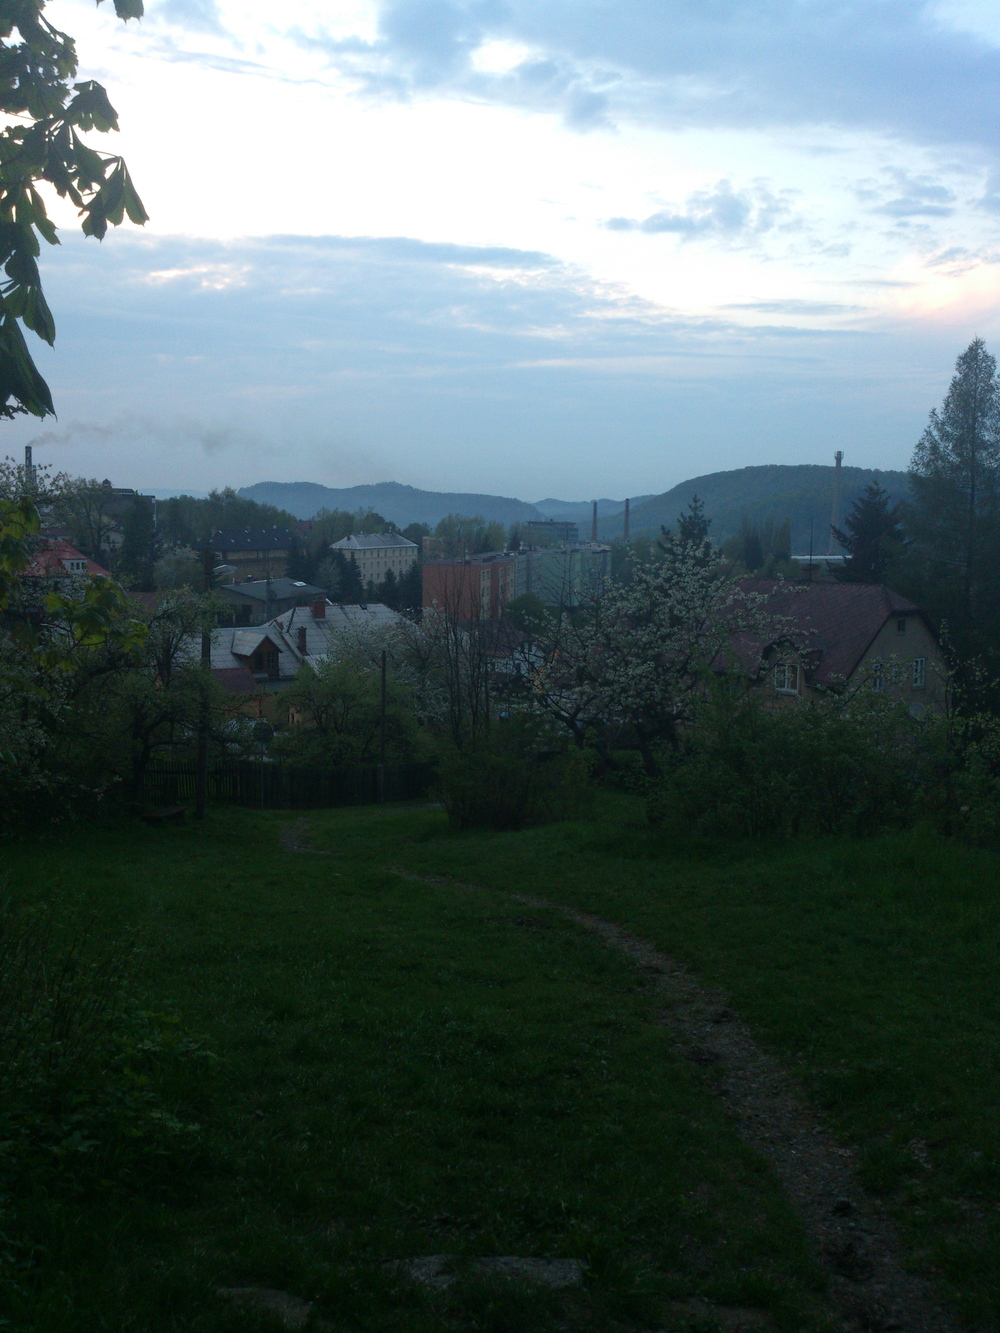 The town of Kamenicky Senov